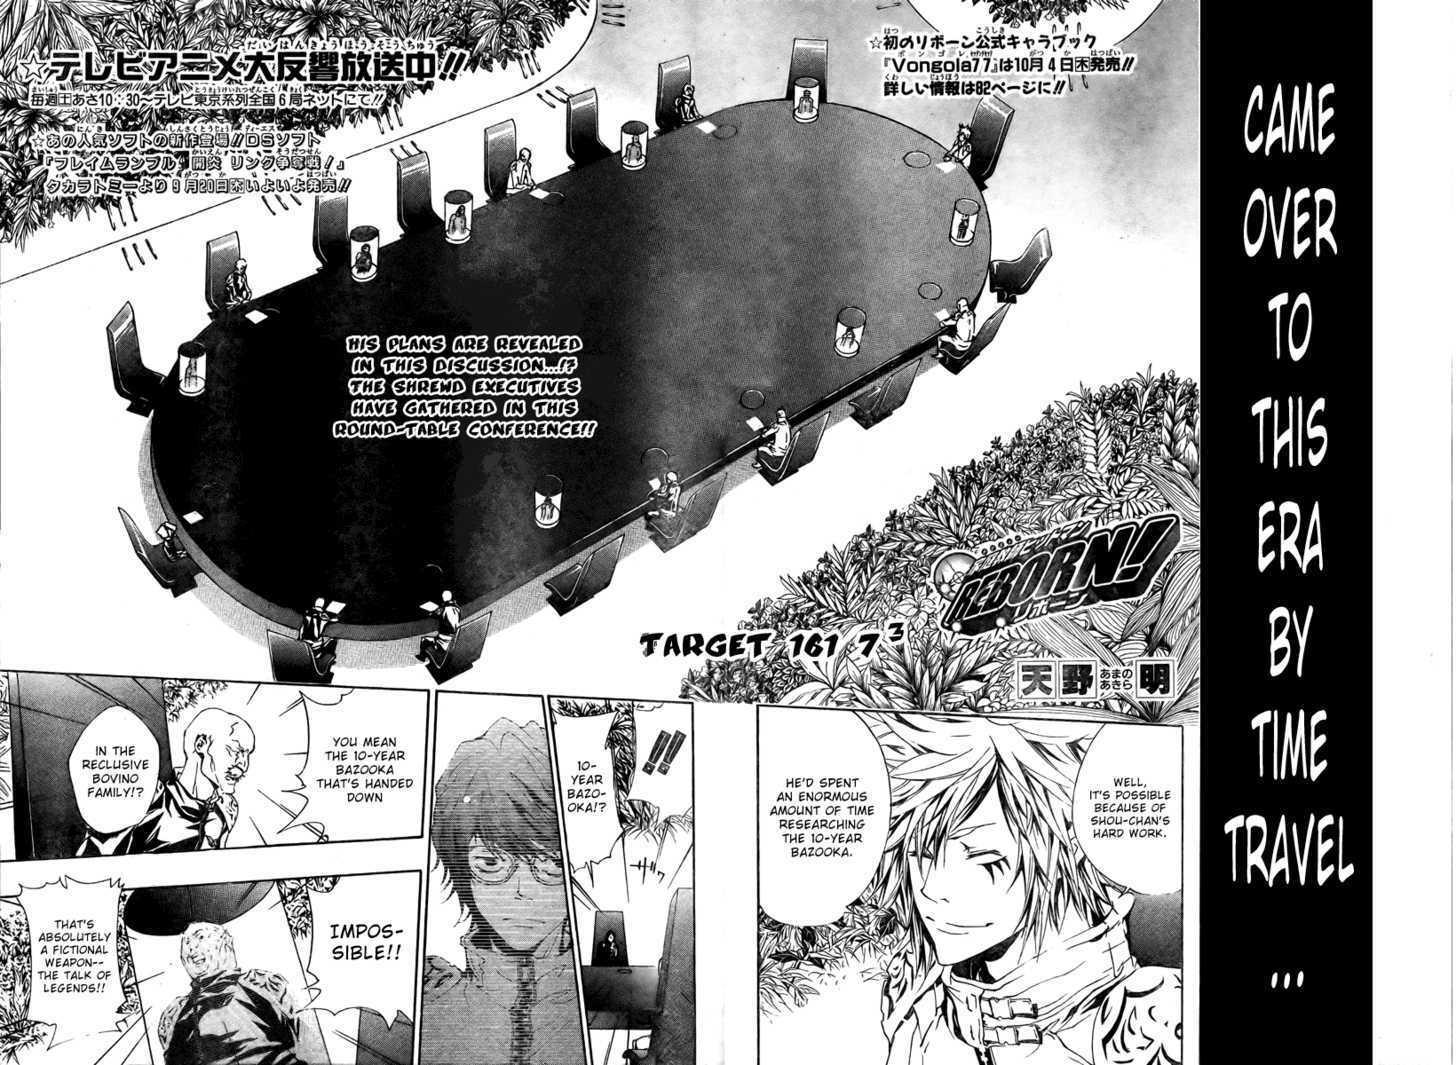 Katekyo Hitman Reborn 161 Page 2